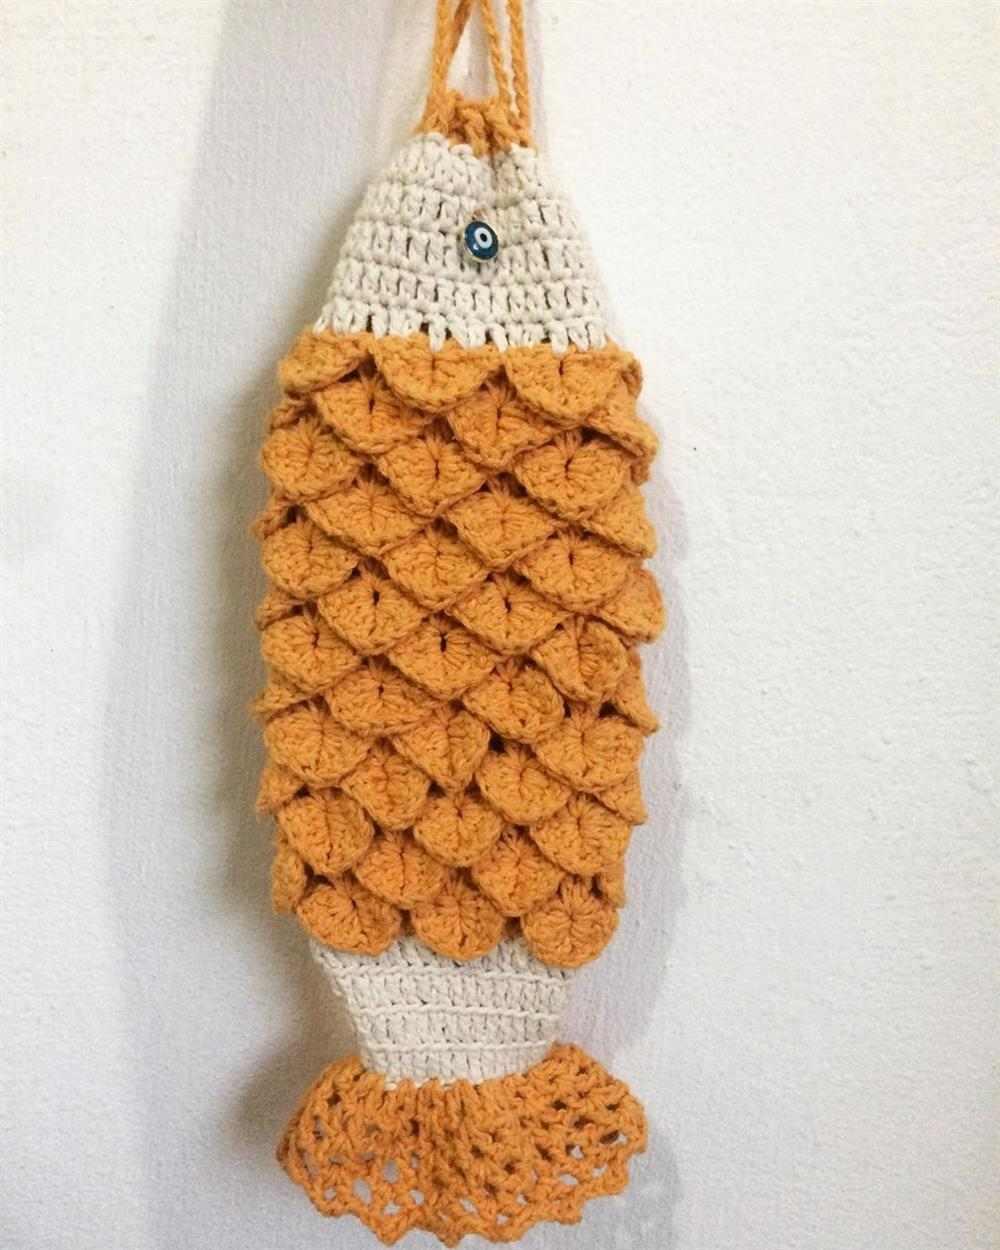 modelo de peixe escama